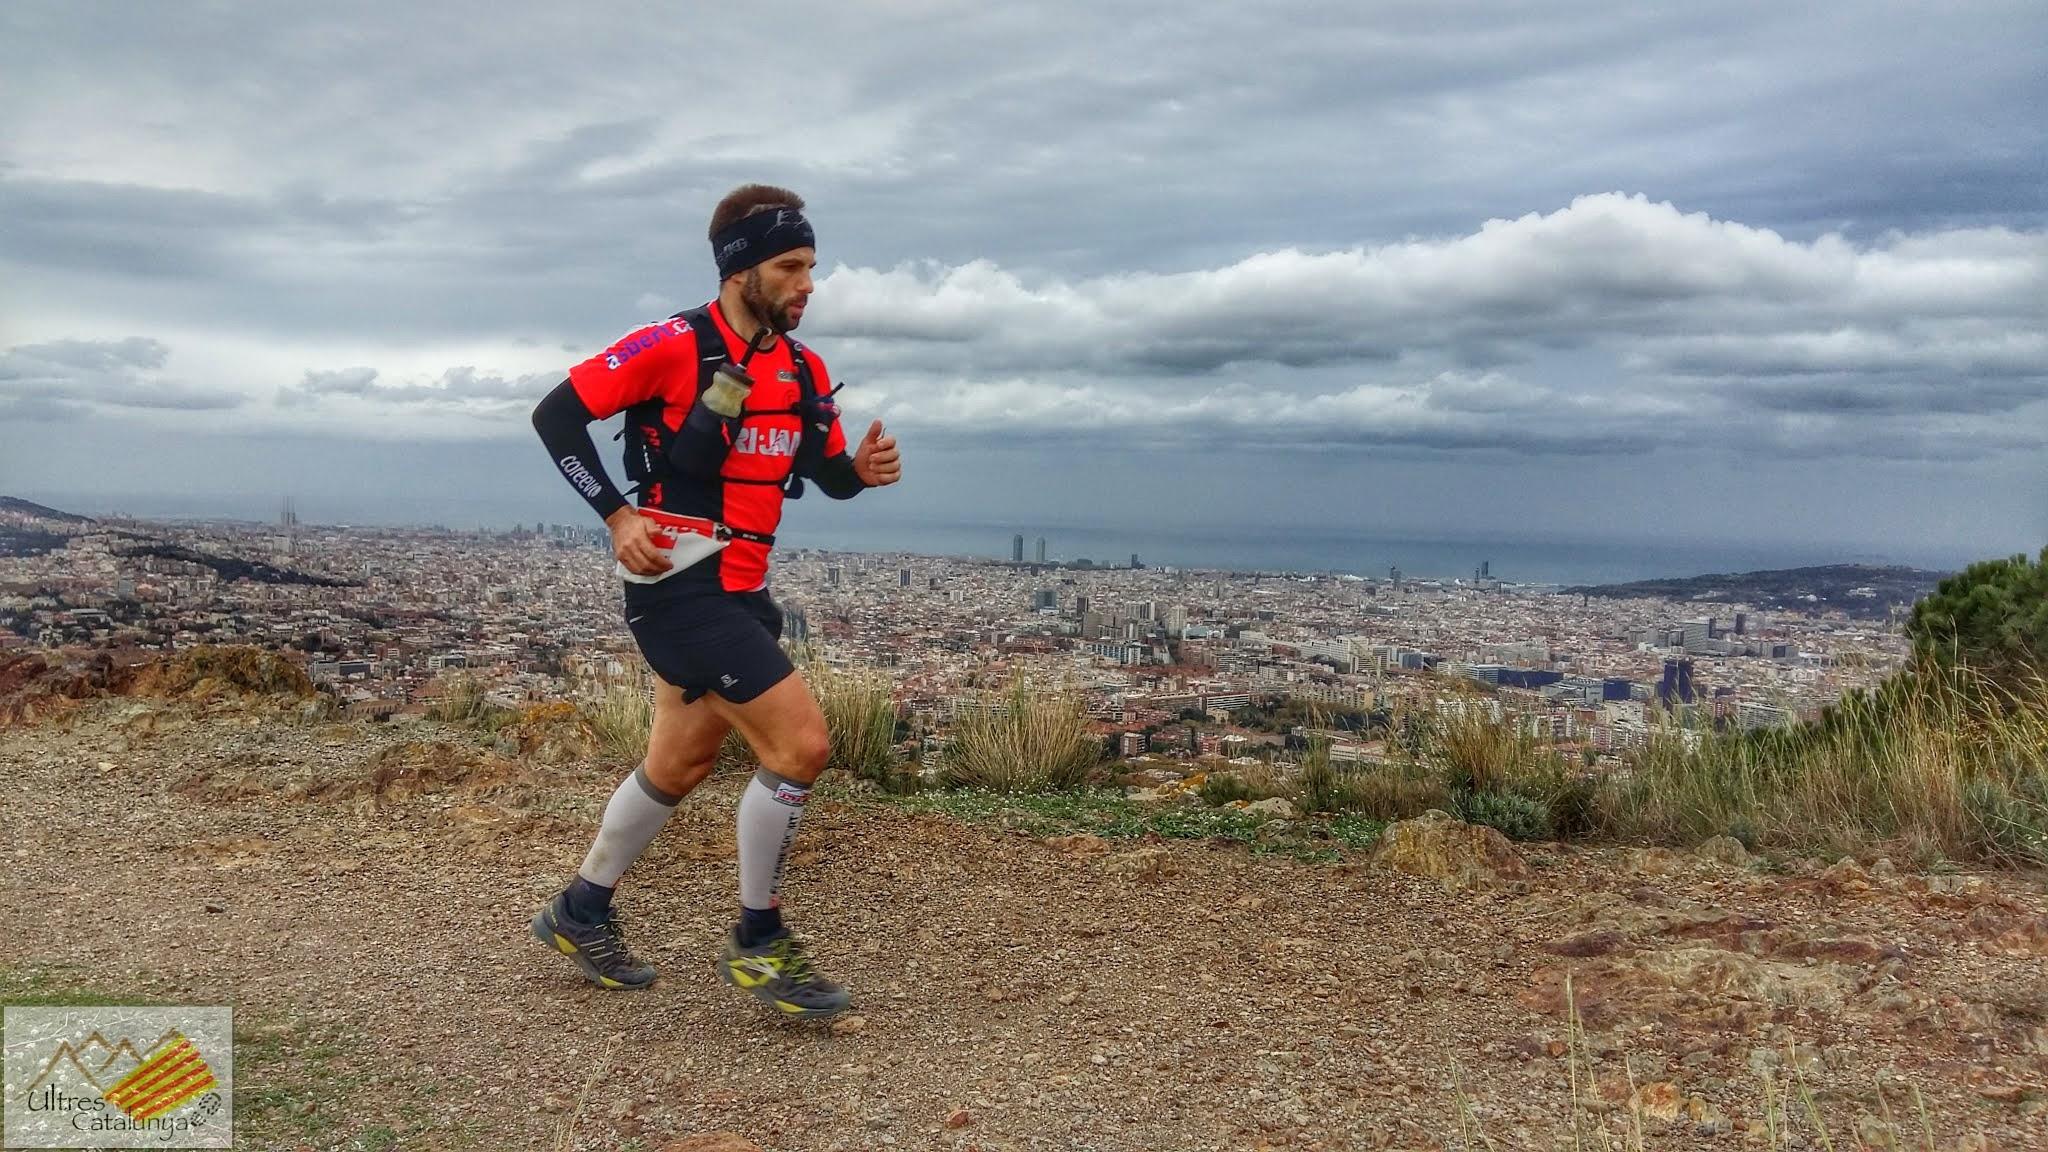 Calendario Ultratrail.Calendari Ultra Trail 2019 Ultres Catalunya